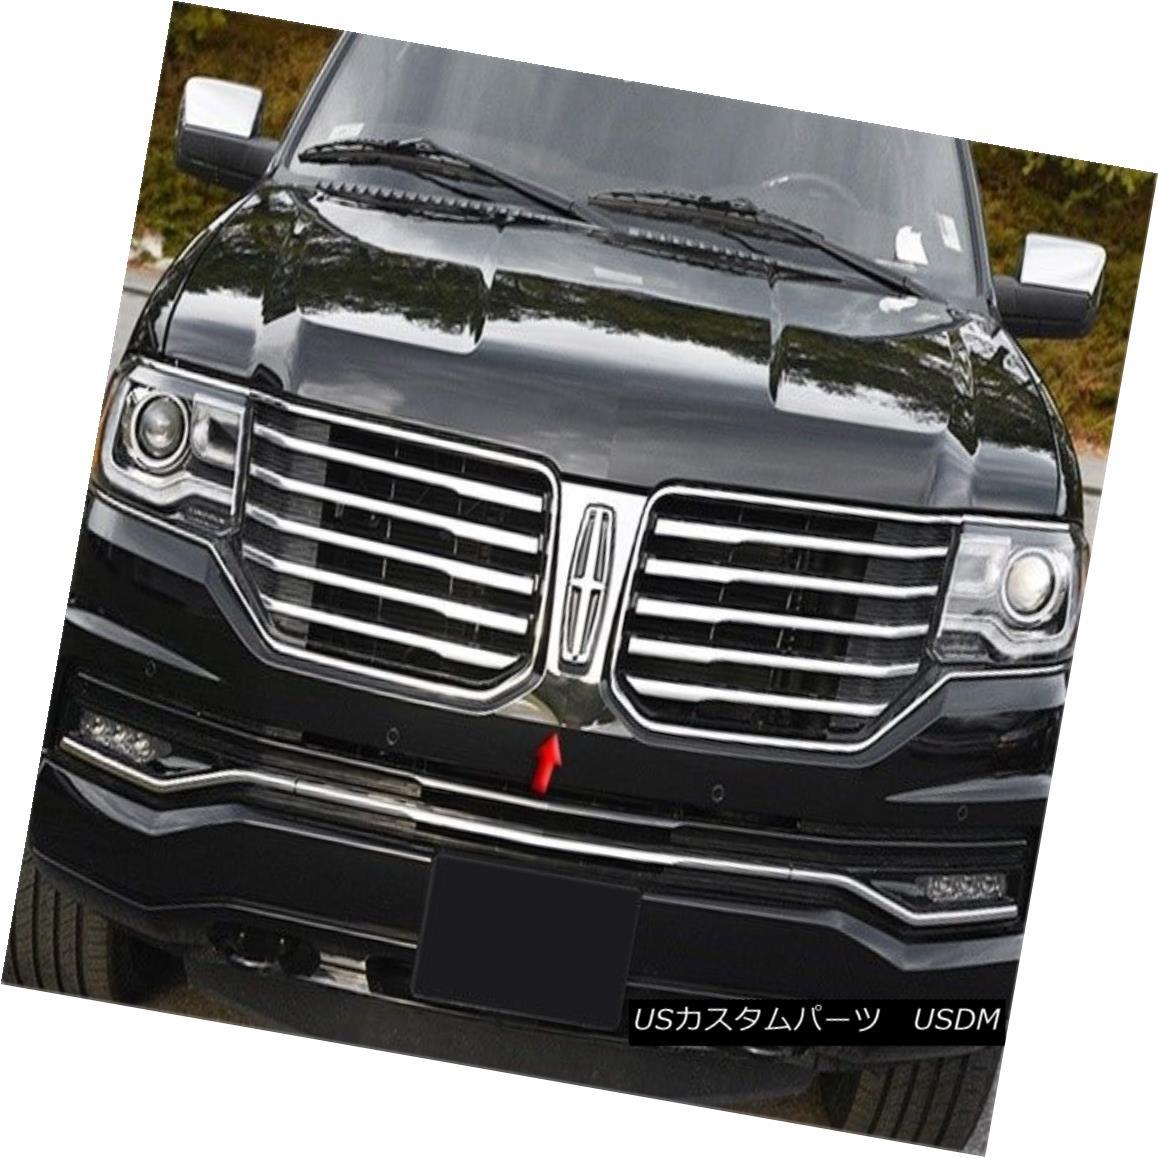 グリル Fits 2015-2016 LINCOLN NAVIGATOR 4-door (Logo Surround)-Stainless Steel GRILLE フィット2015-2016 LINCOLN NAVIGATOR 4ドア(ロゴサラウンド)-Stai nless Steel GRILLE